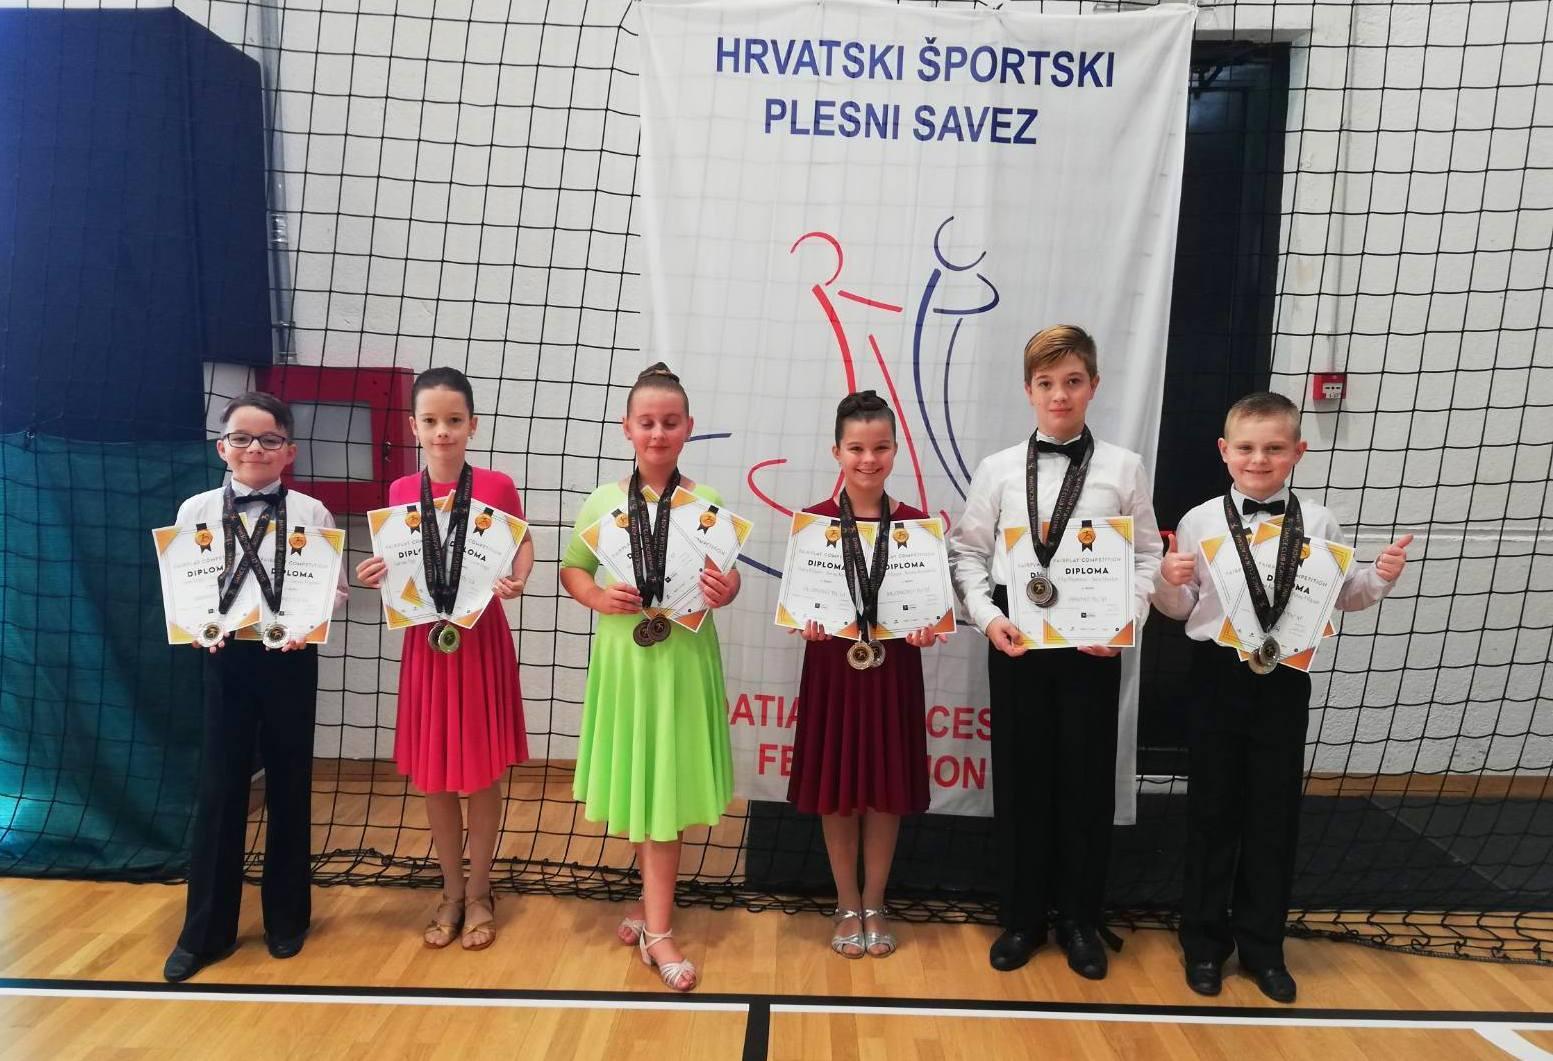 Još jedan uspješan vikend bjelovarskih plesača, osvojili su 14 medalja